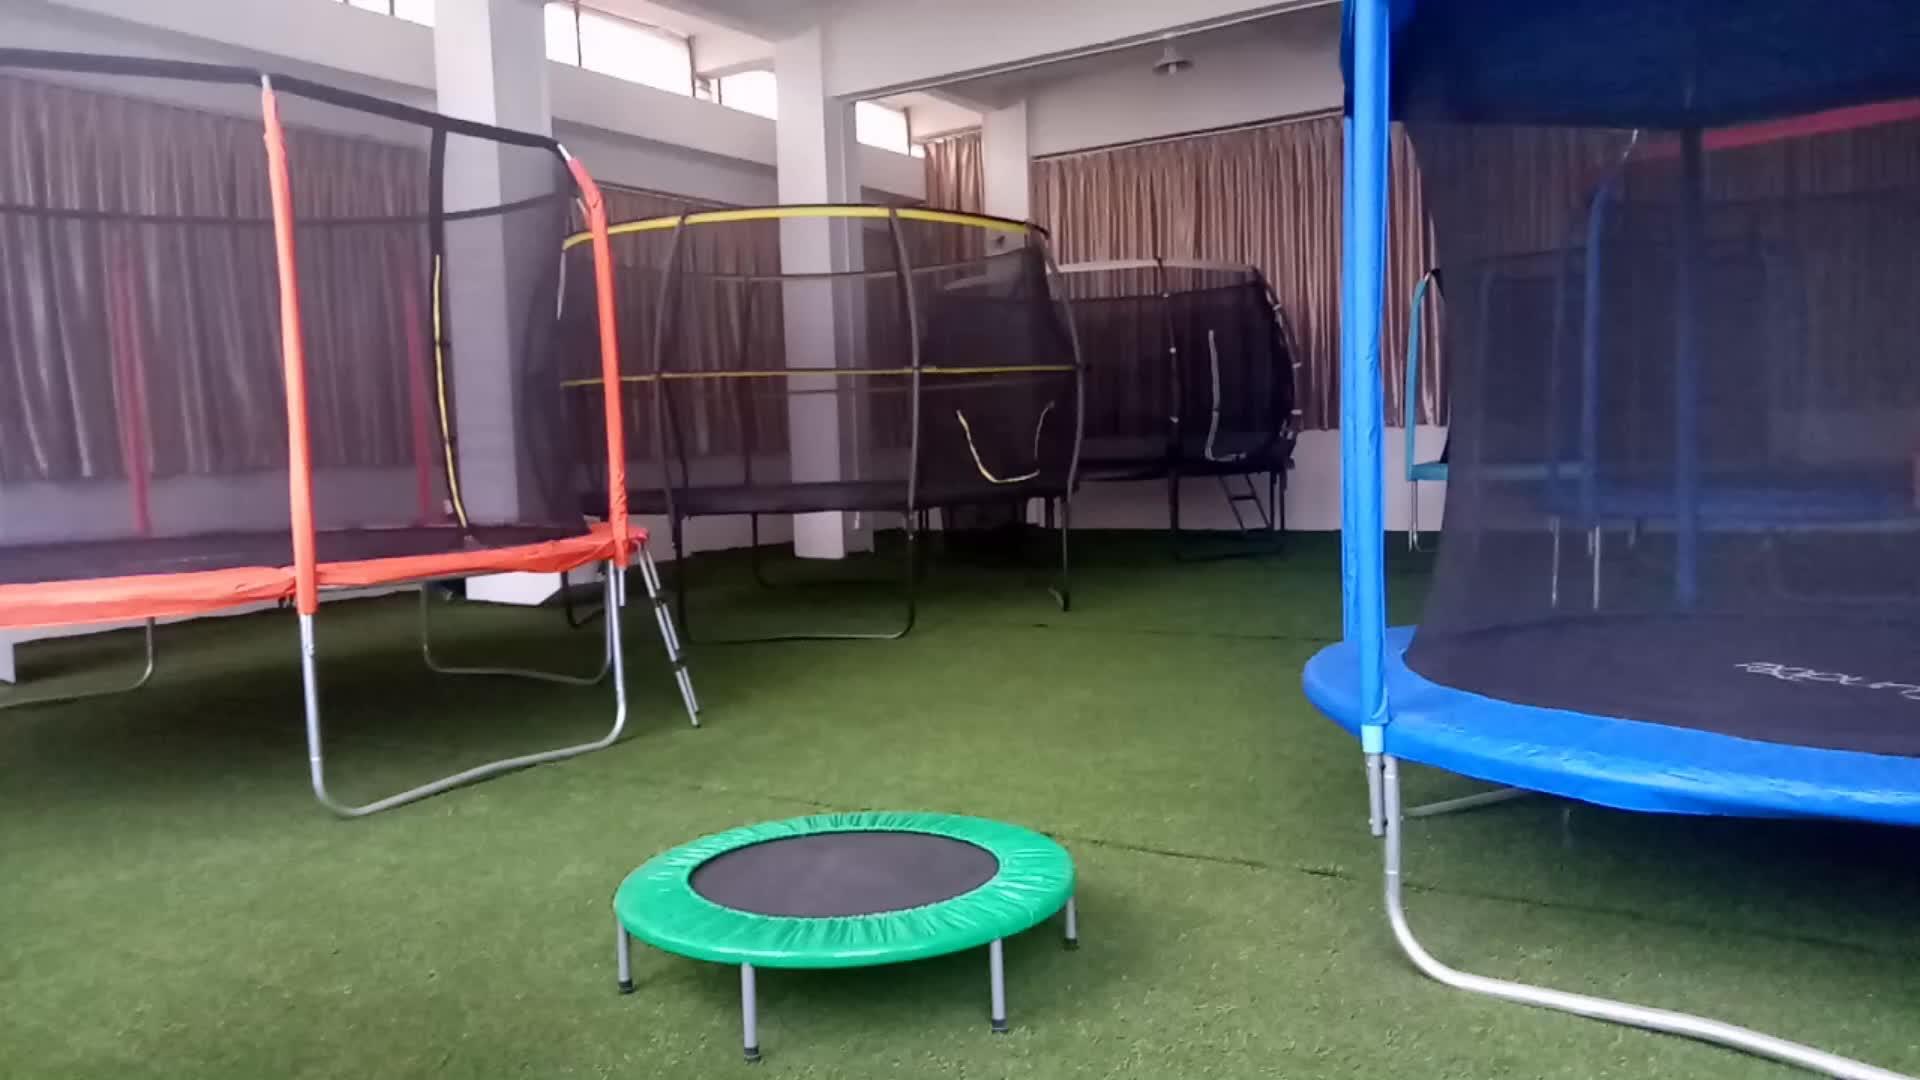 Sundowขายร้อนรอบ 40 นิ้วเด็กเล็กFitness Trampolineสำหรับเด็ก